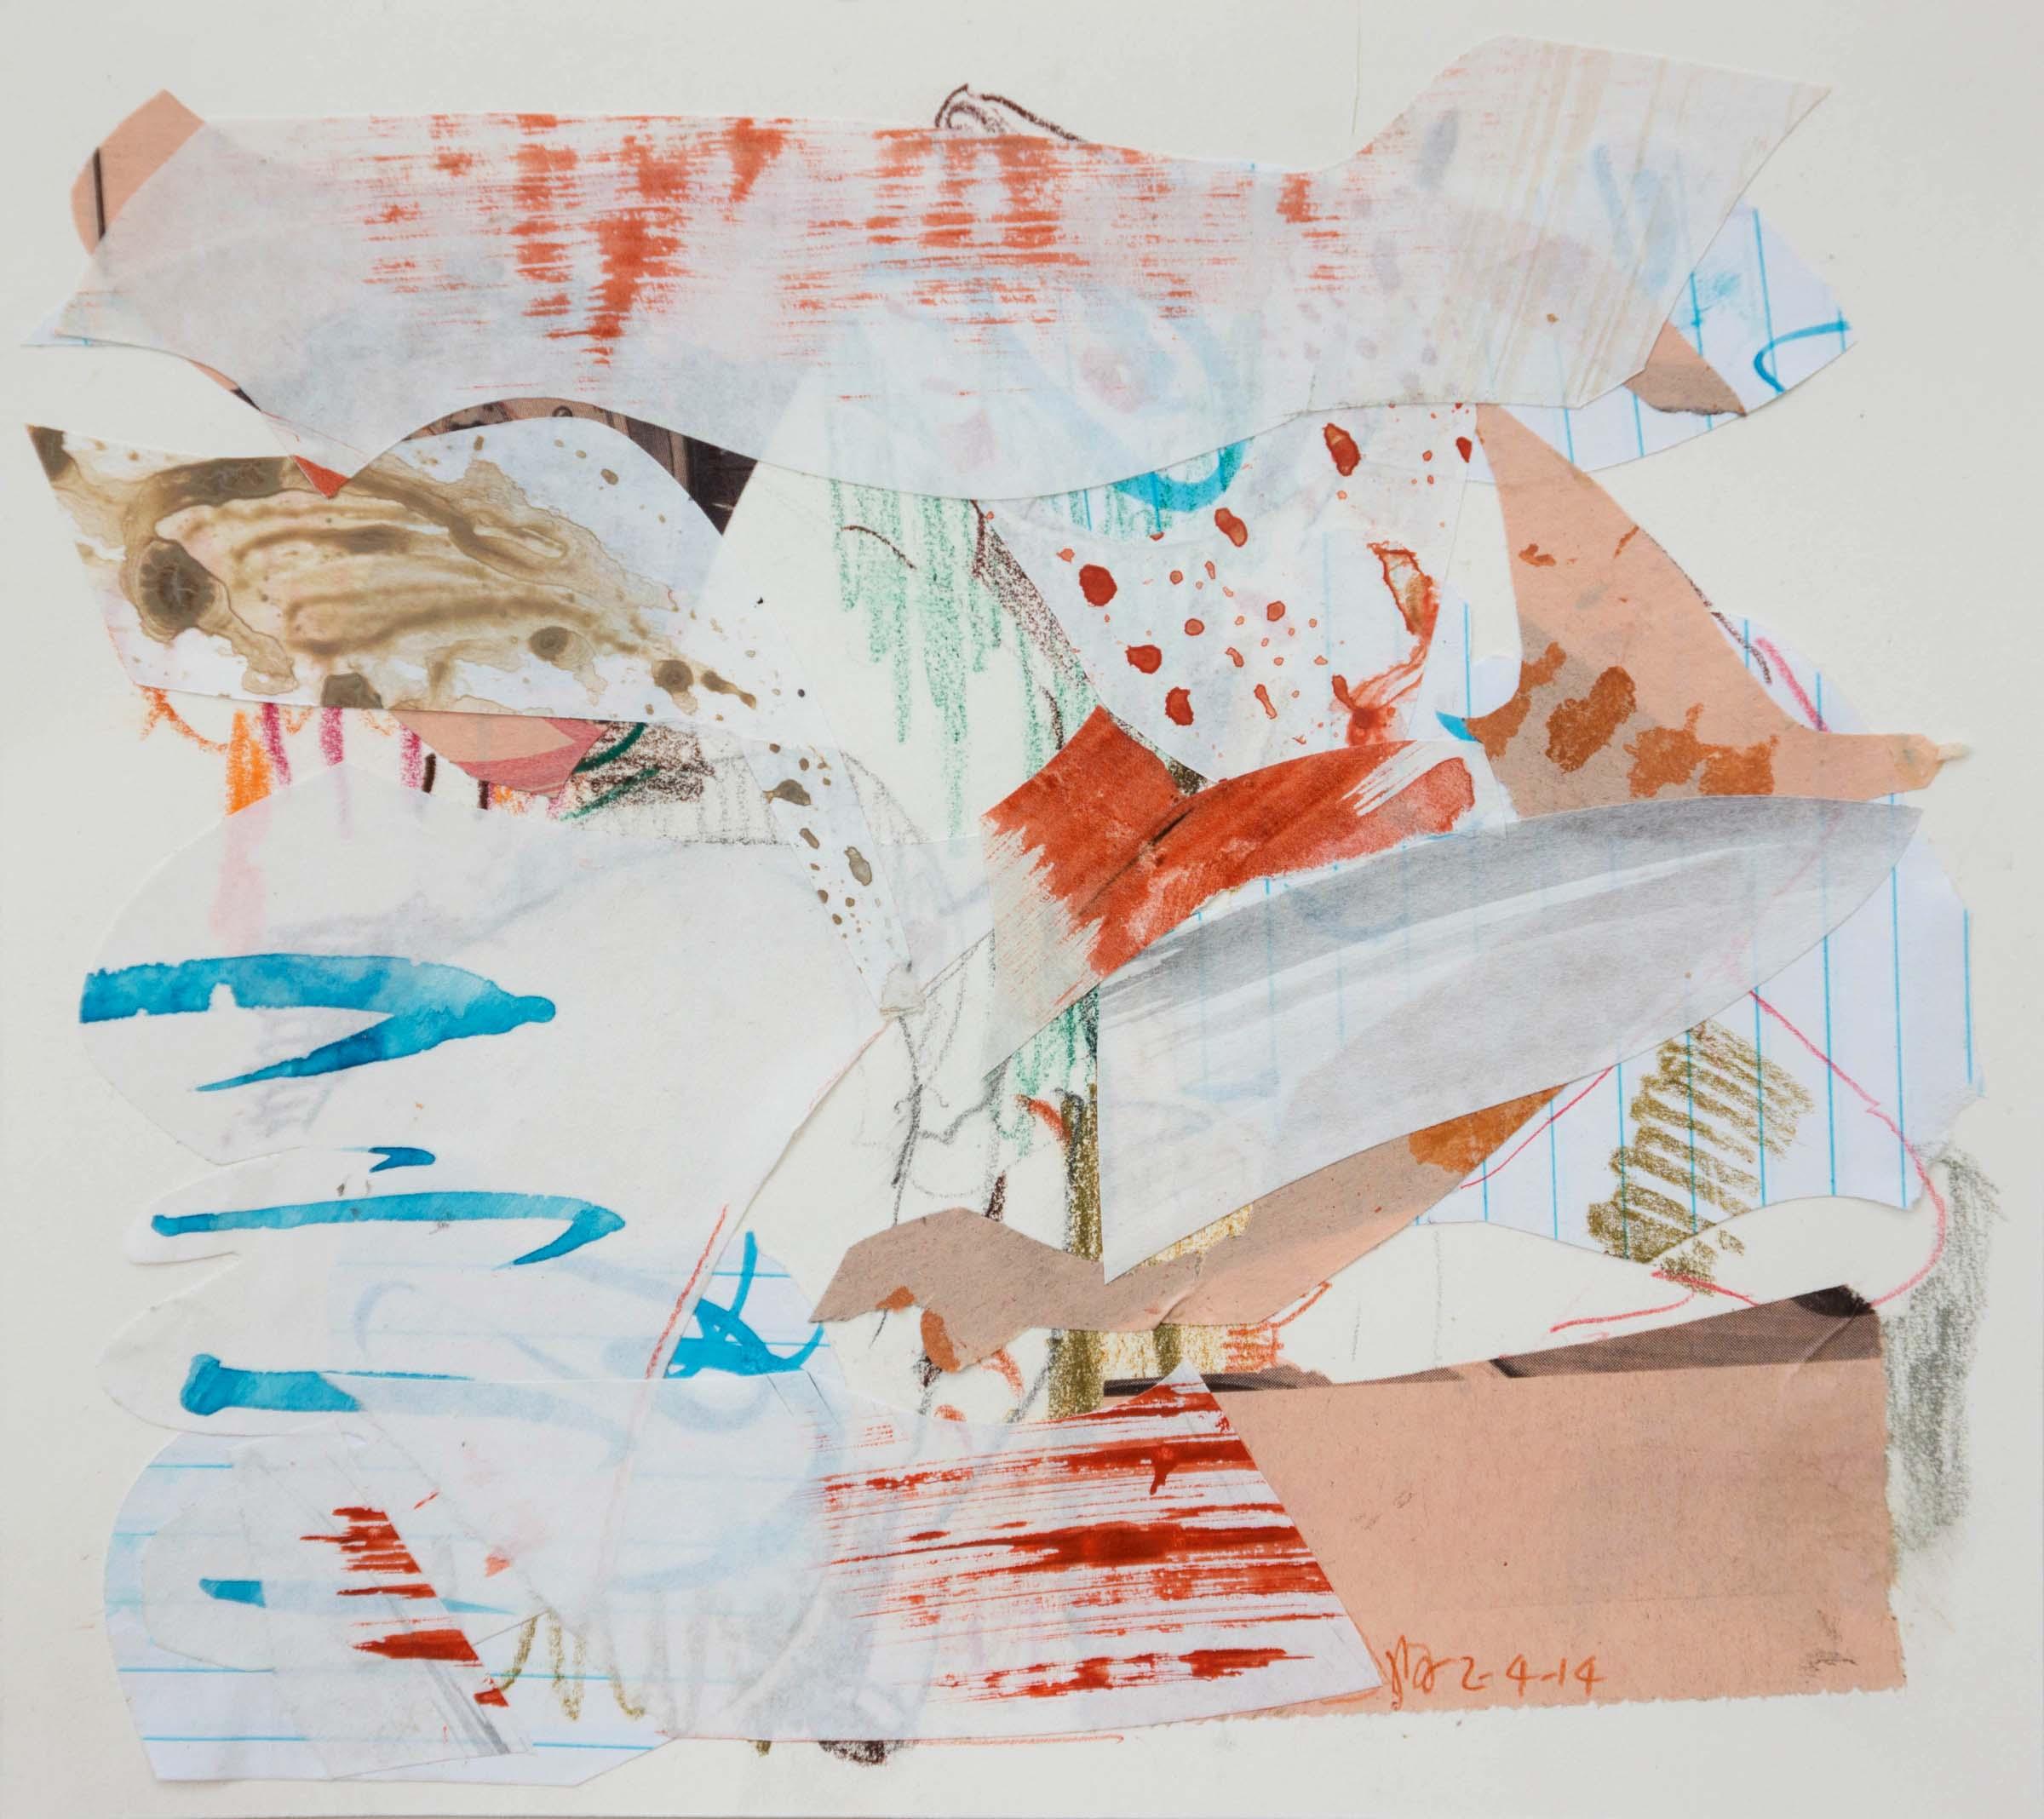 2-4-14 collage 2  19x21 cm